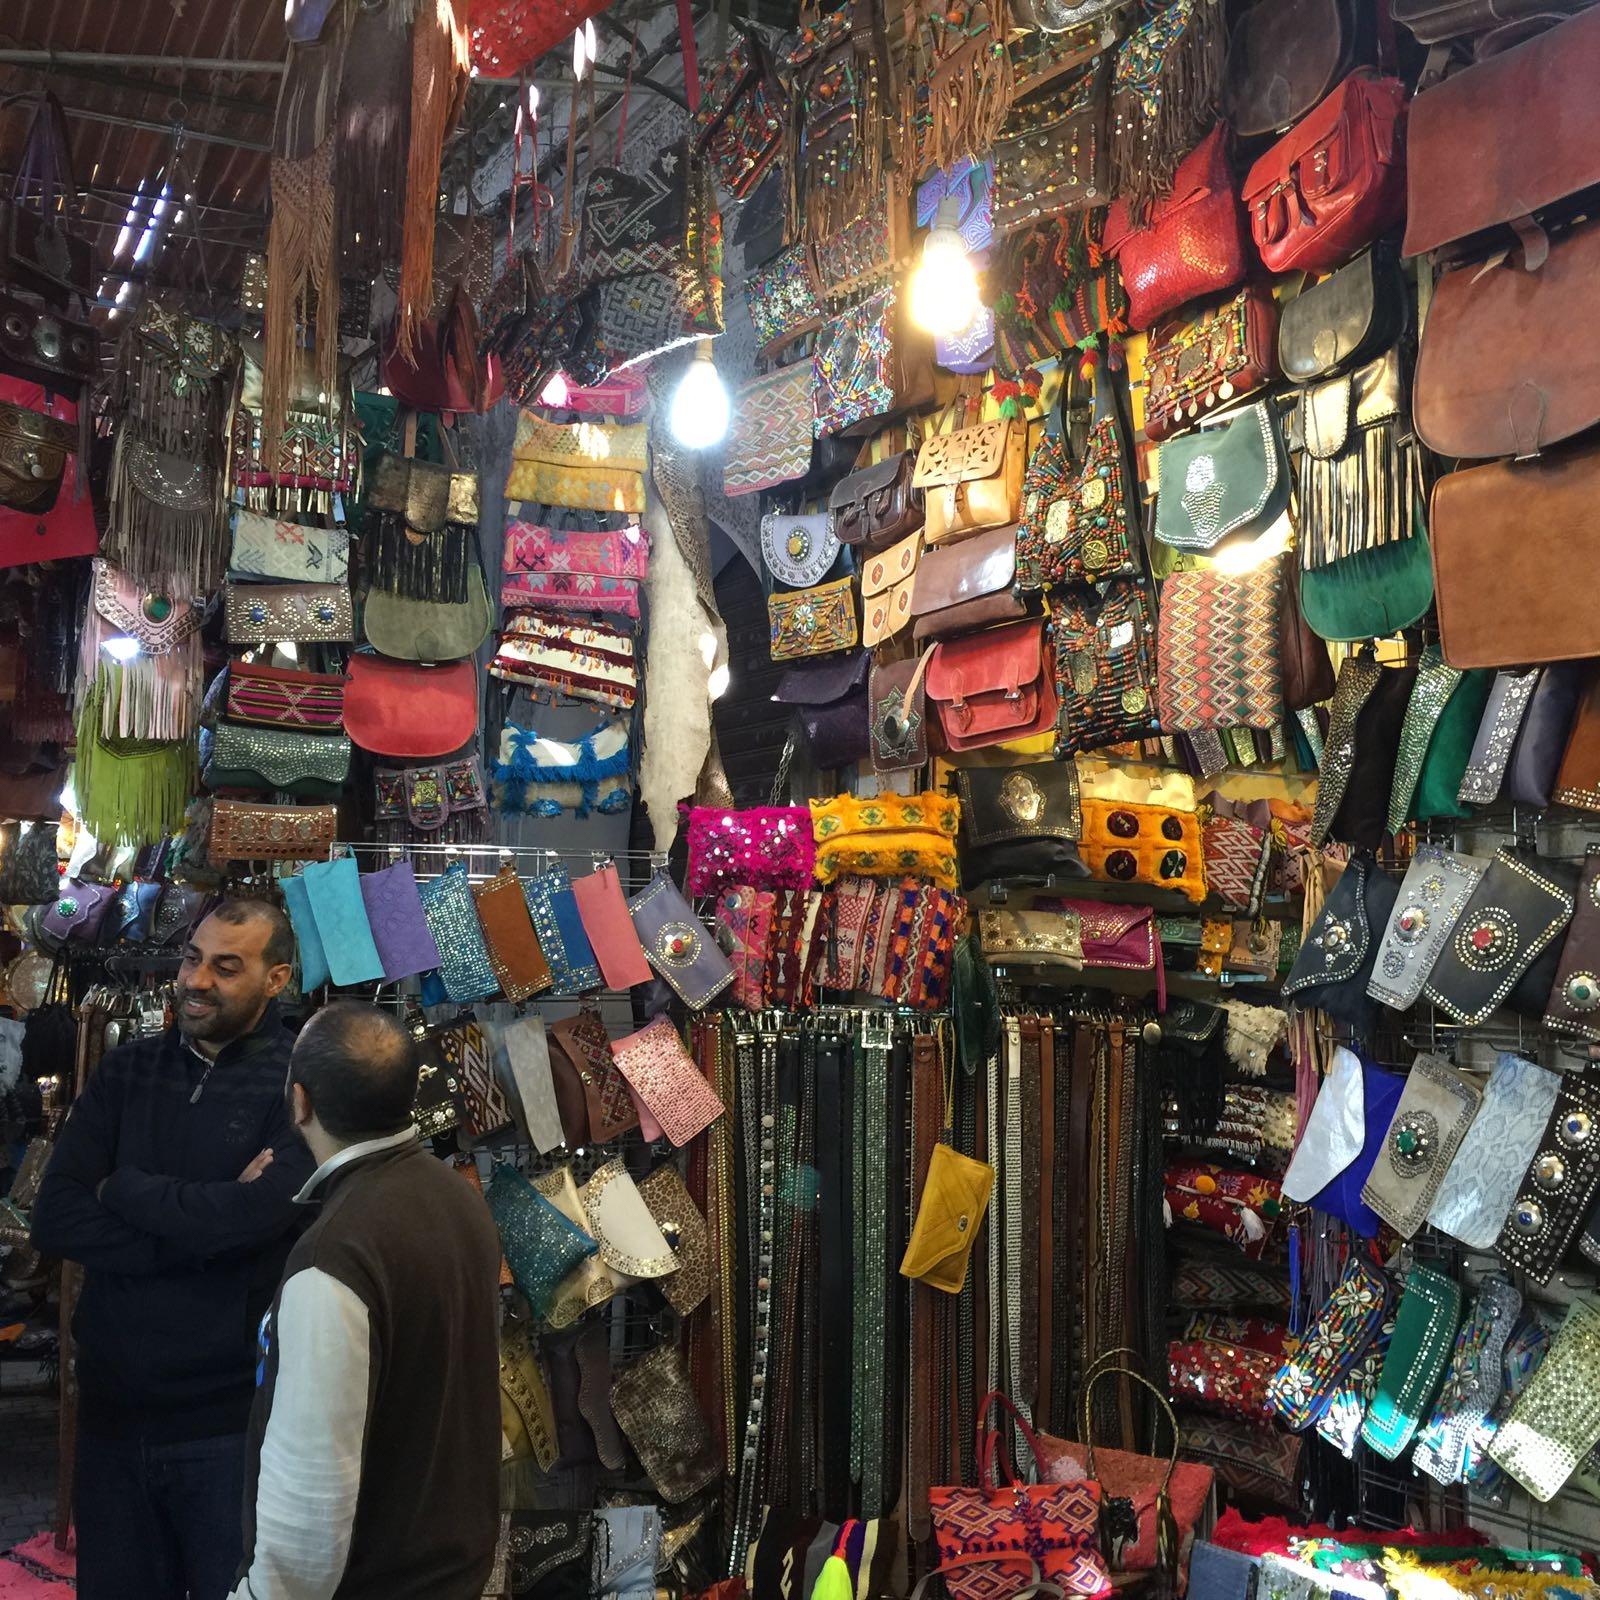 Comprar bolsos en tiendas de Marrakech